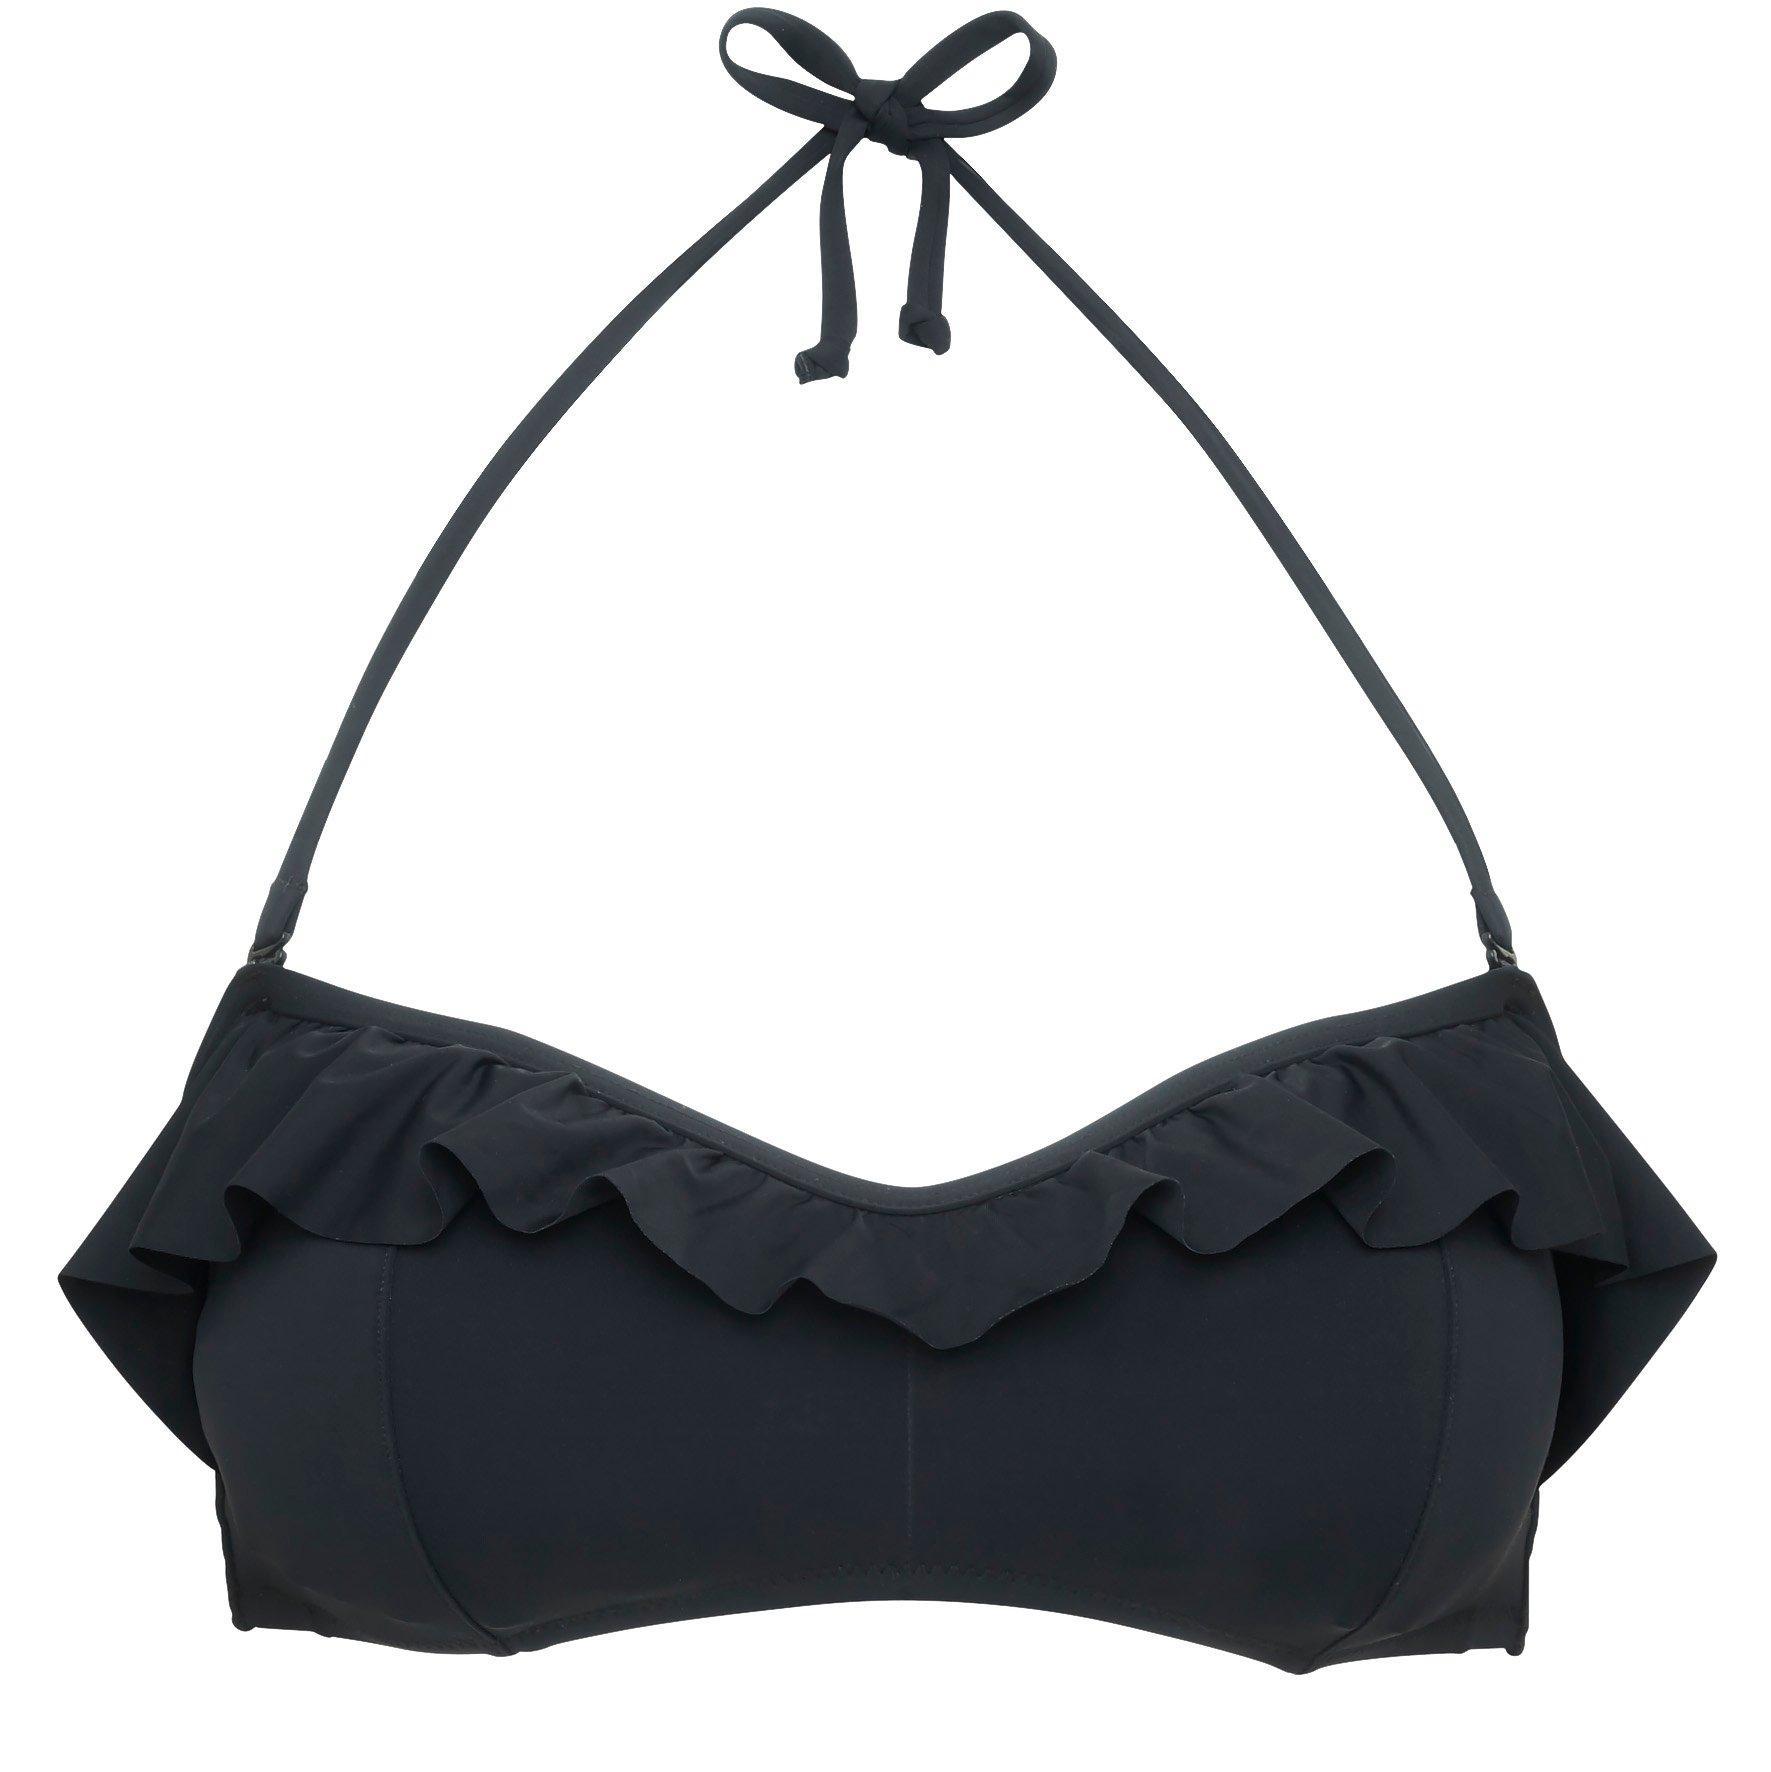 Bandeau bikini-bh Lindex - Shoppa idag 714a1e96947e5